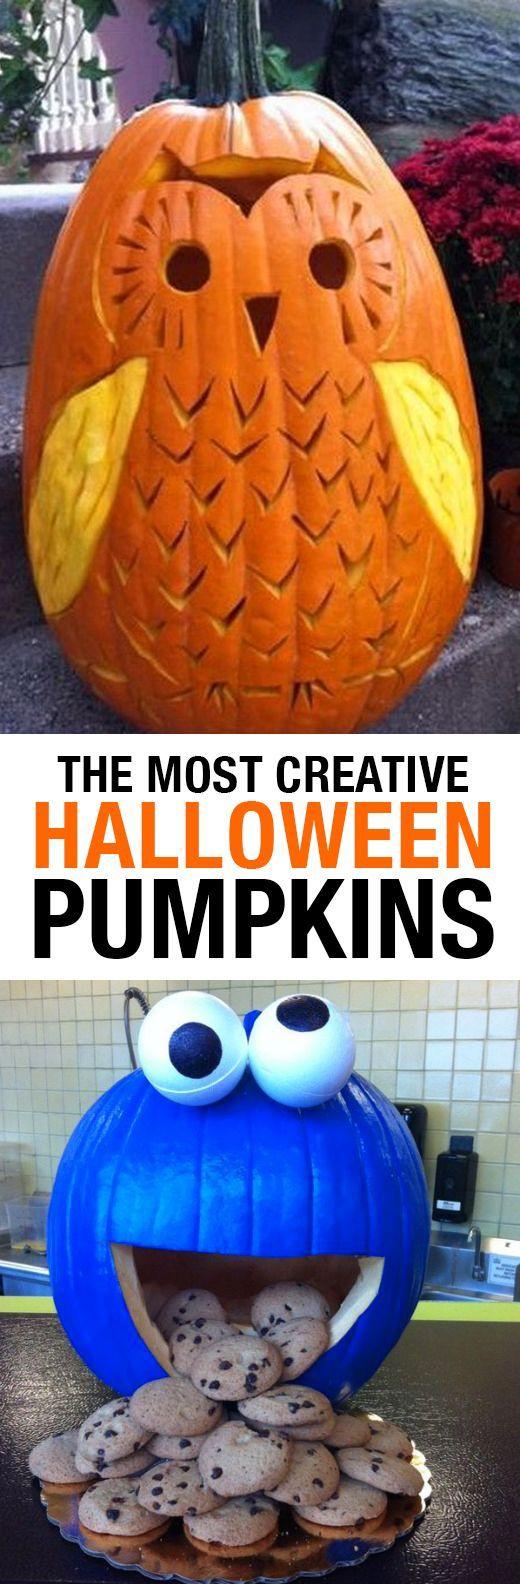 The Most Creative Halloween Pumpkins Ever Seen!